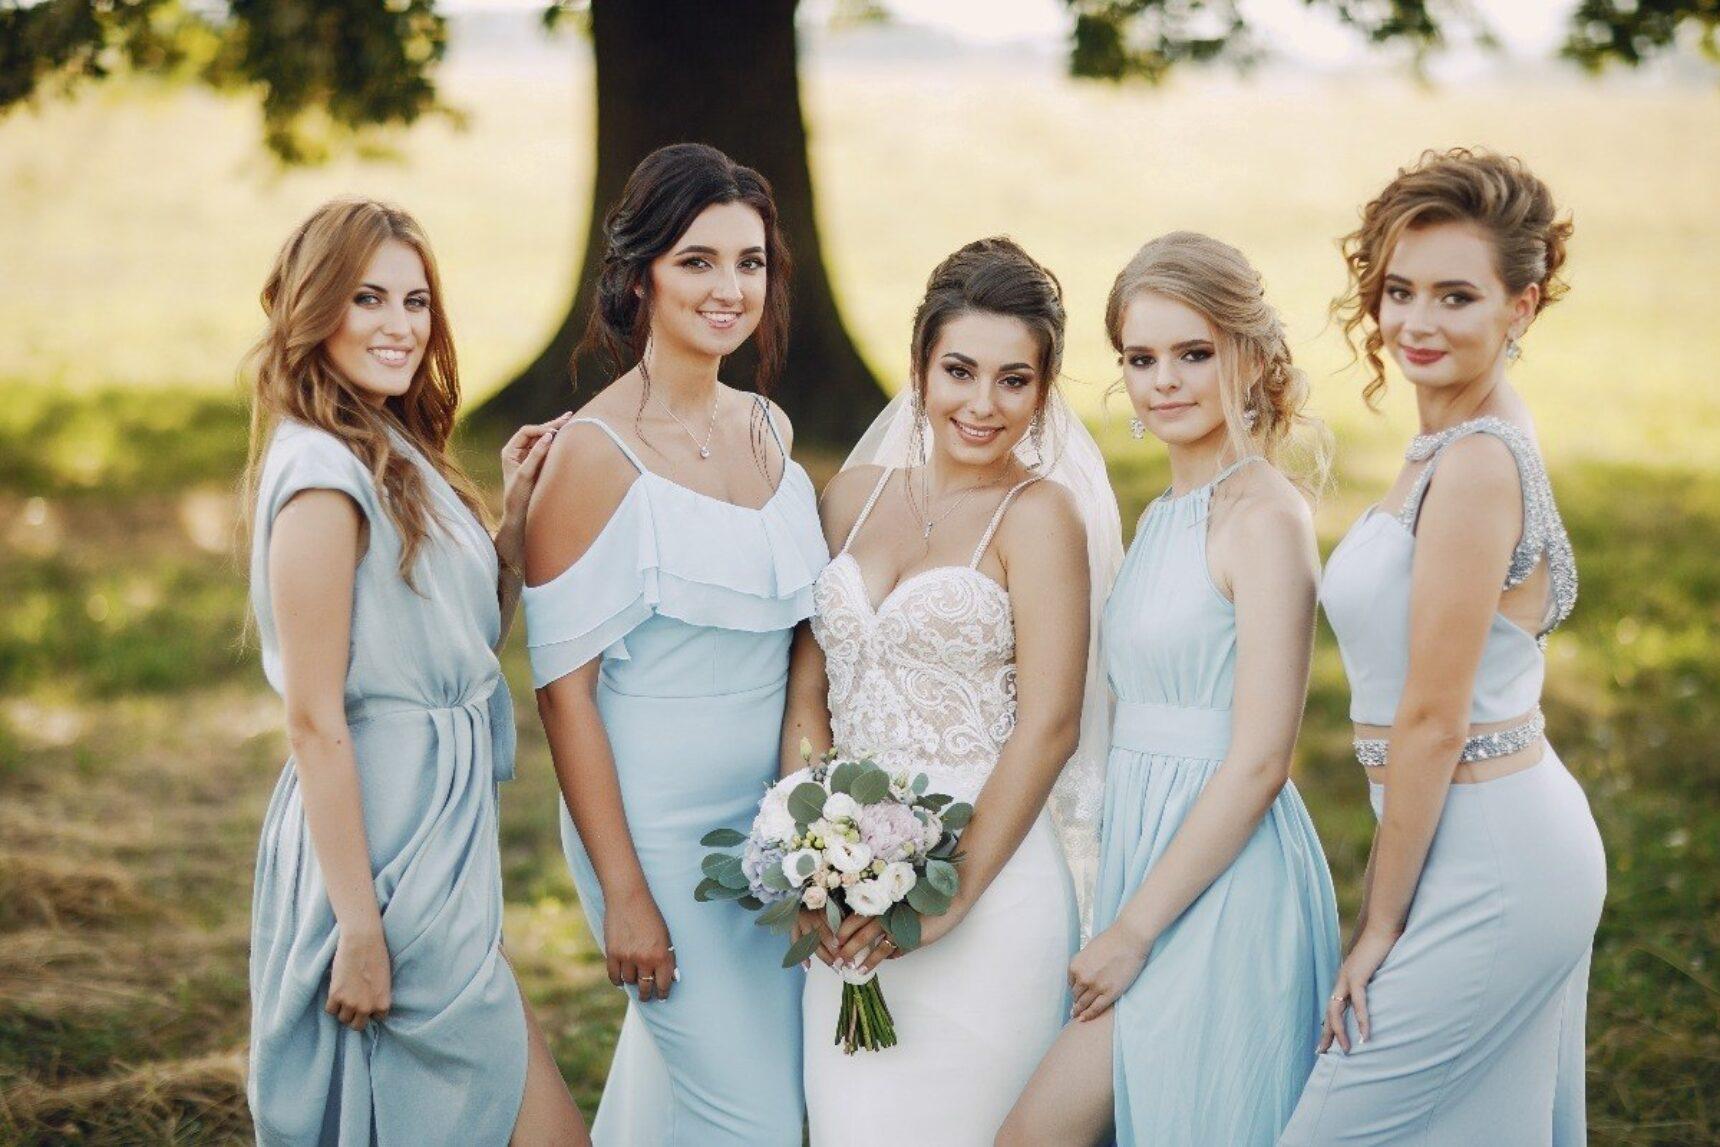 Druhny na ślubie – modne rozwiązanie z Ameryki, które możesz wykorzystać na swoim ślubie!